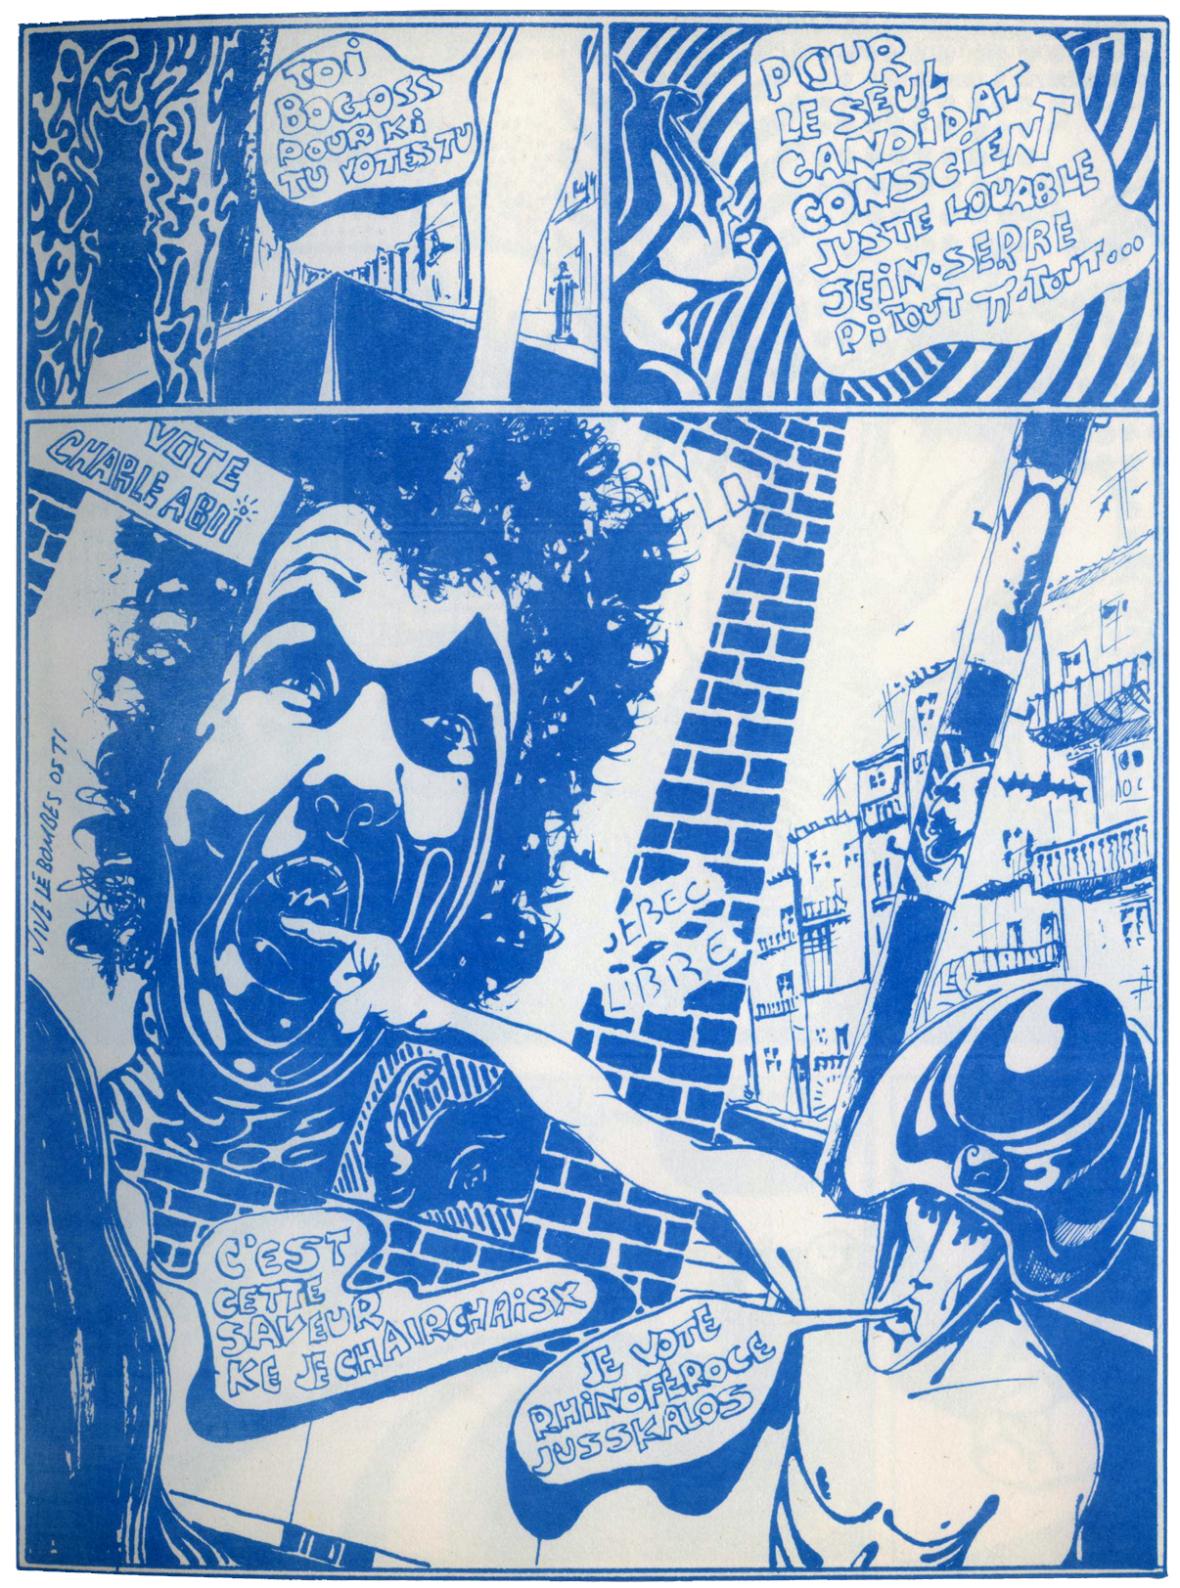 La candidature de Robert Charlebois en 1968 pour le Parti Rhinocéros immortalisée par André Philibert (Oror 1970; Les Éditions du Cri).